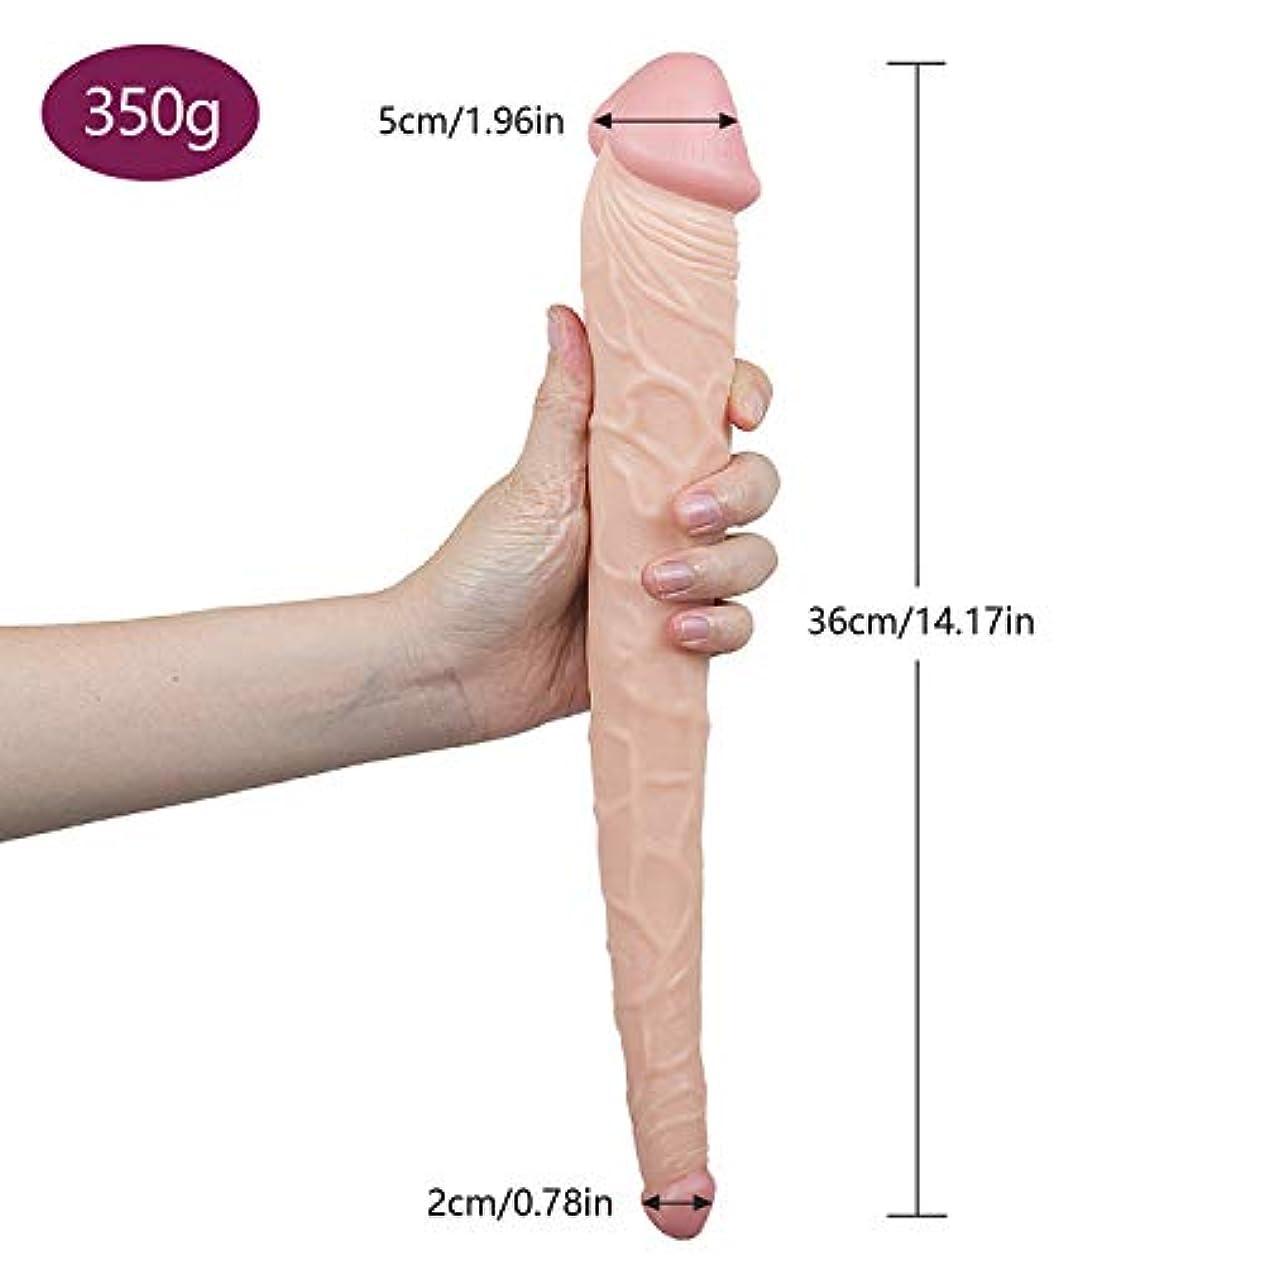 集計中世の召喚するペニス 14.17インチの完全なサイズの完全なボディマッサージャーの二重頭の側面のマッサージャーのおもちゃ マッサージャー